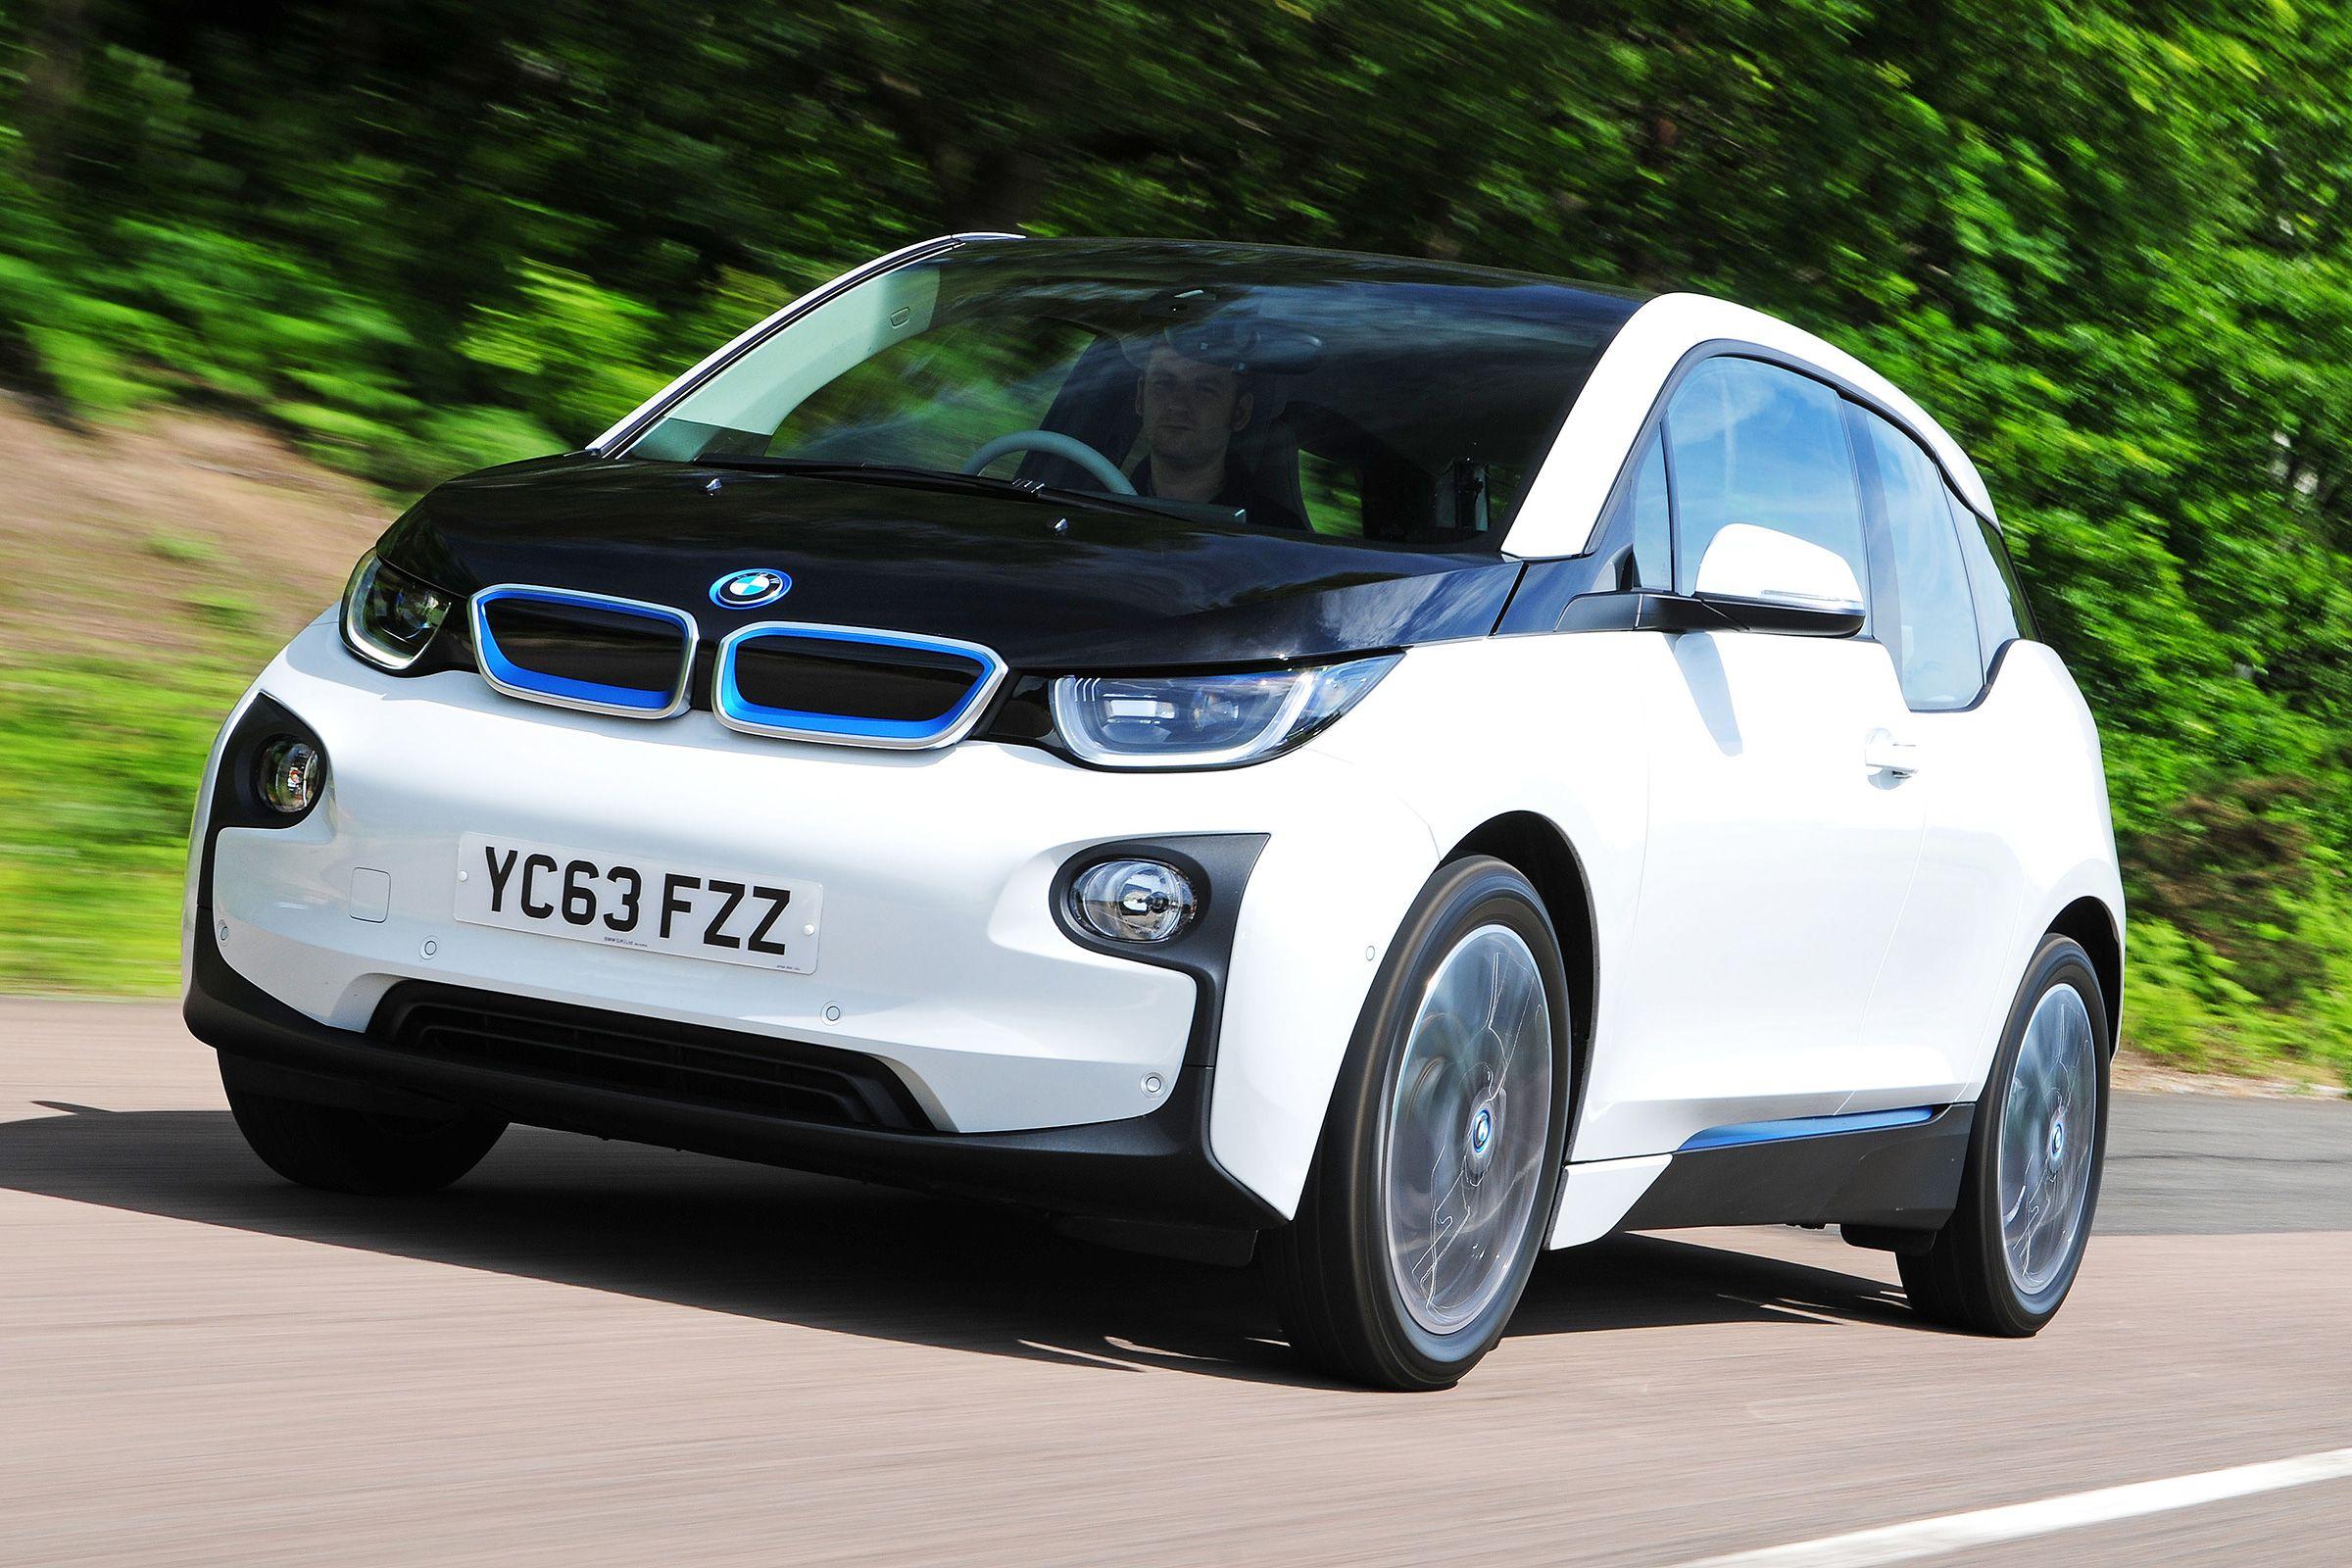 Bmw I3 Rex Best Plug In Hybrid Cars Best Plug In Mercs E 300 Best Plugin Hybrid Cars Best Plug With Mercs Eyeopening Economy C Bmw I3 Hybrid Car Bmw I3 Rex